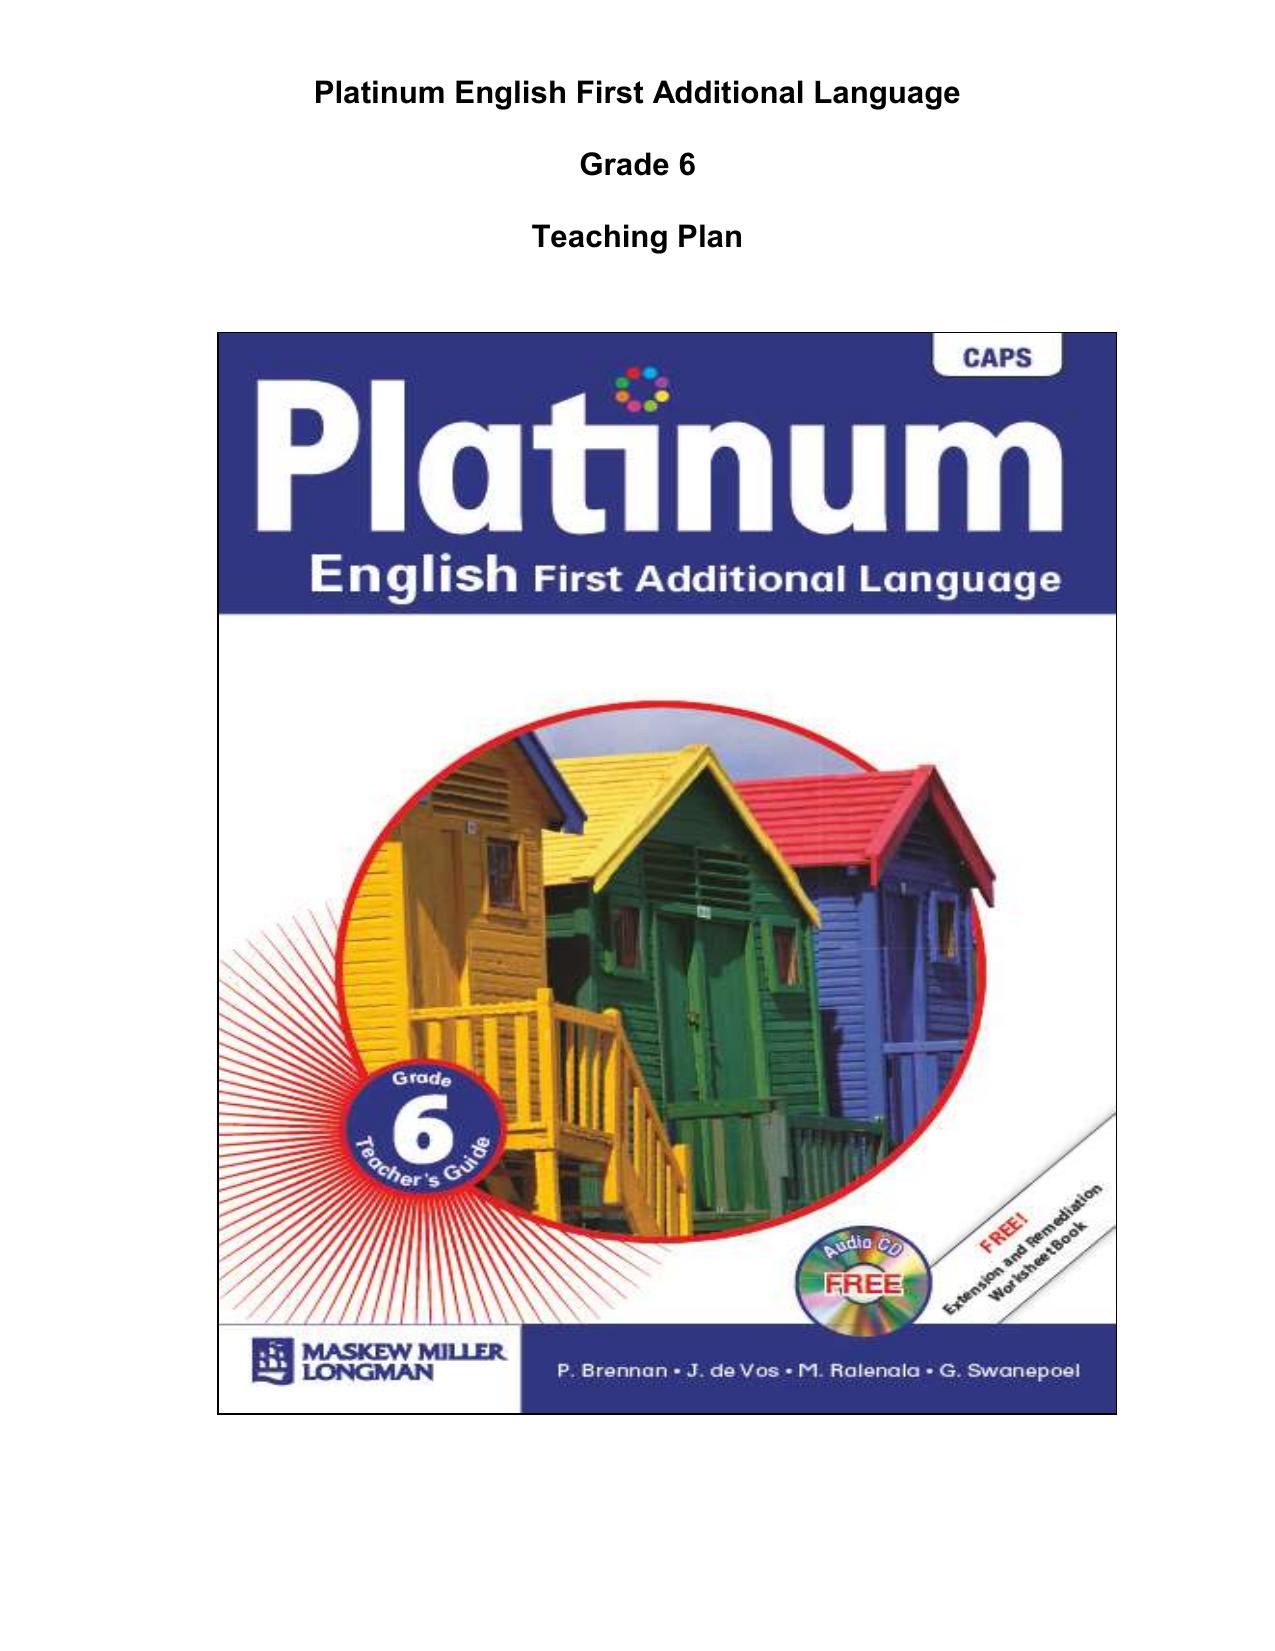 Platinum English First Additional Language Grade 6 Teaching Plan